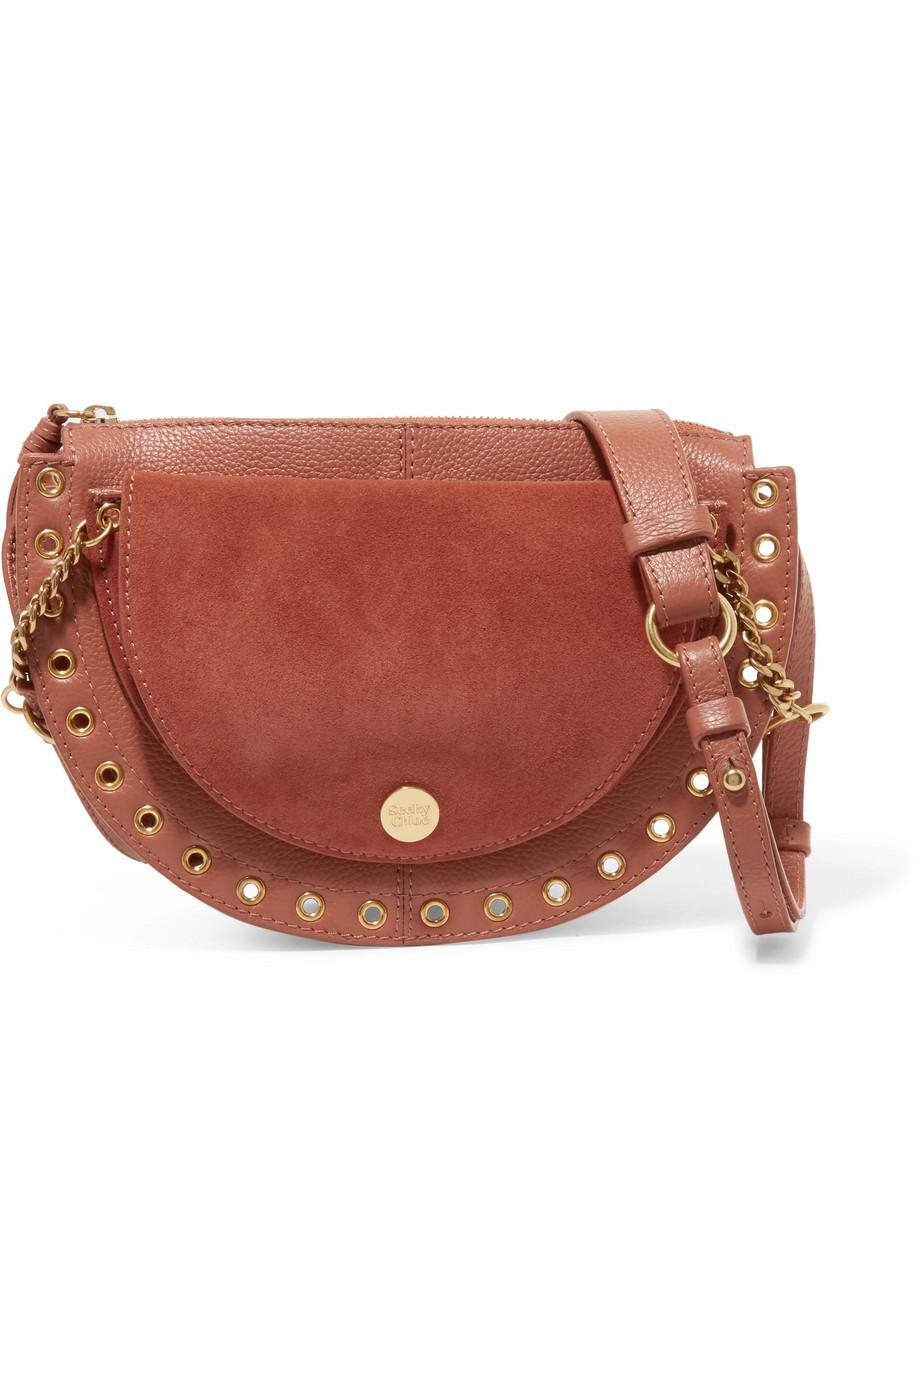 Kriss Mini Eyelet-embellished Textured-leather And Suede Shoulder Bag - Black See By Chlo KPcHVp